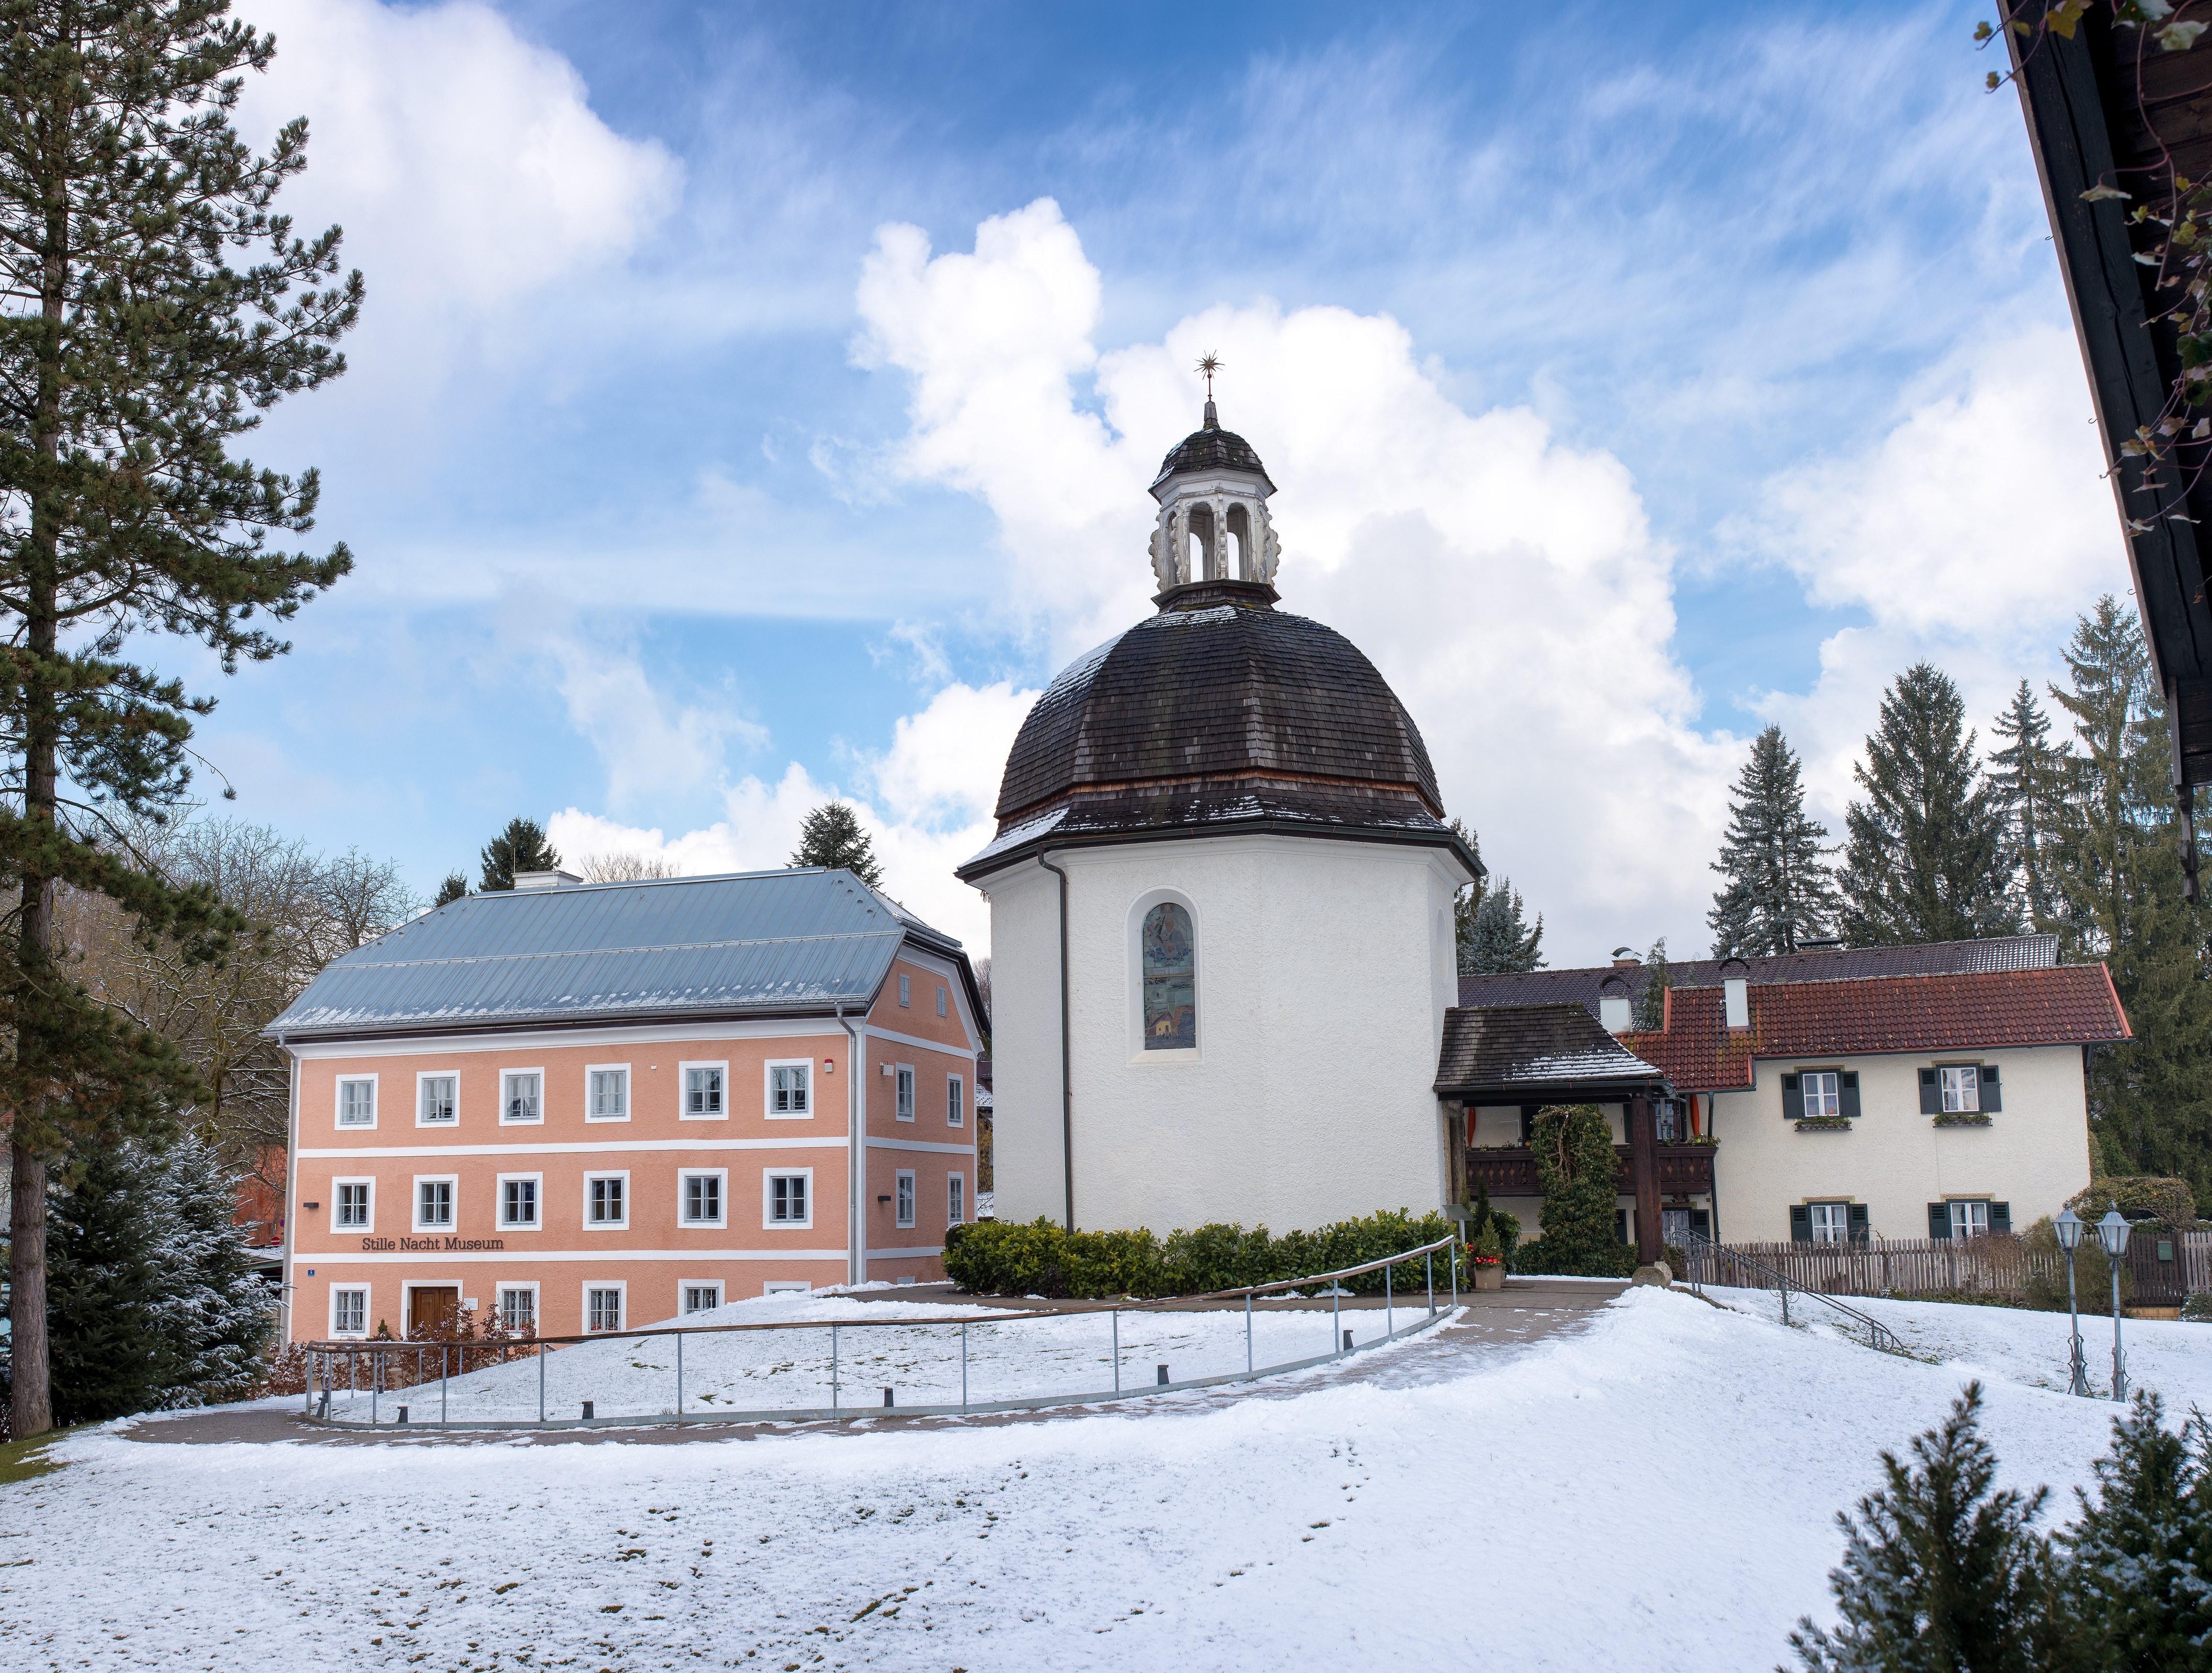 Hochburg-Ach